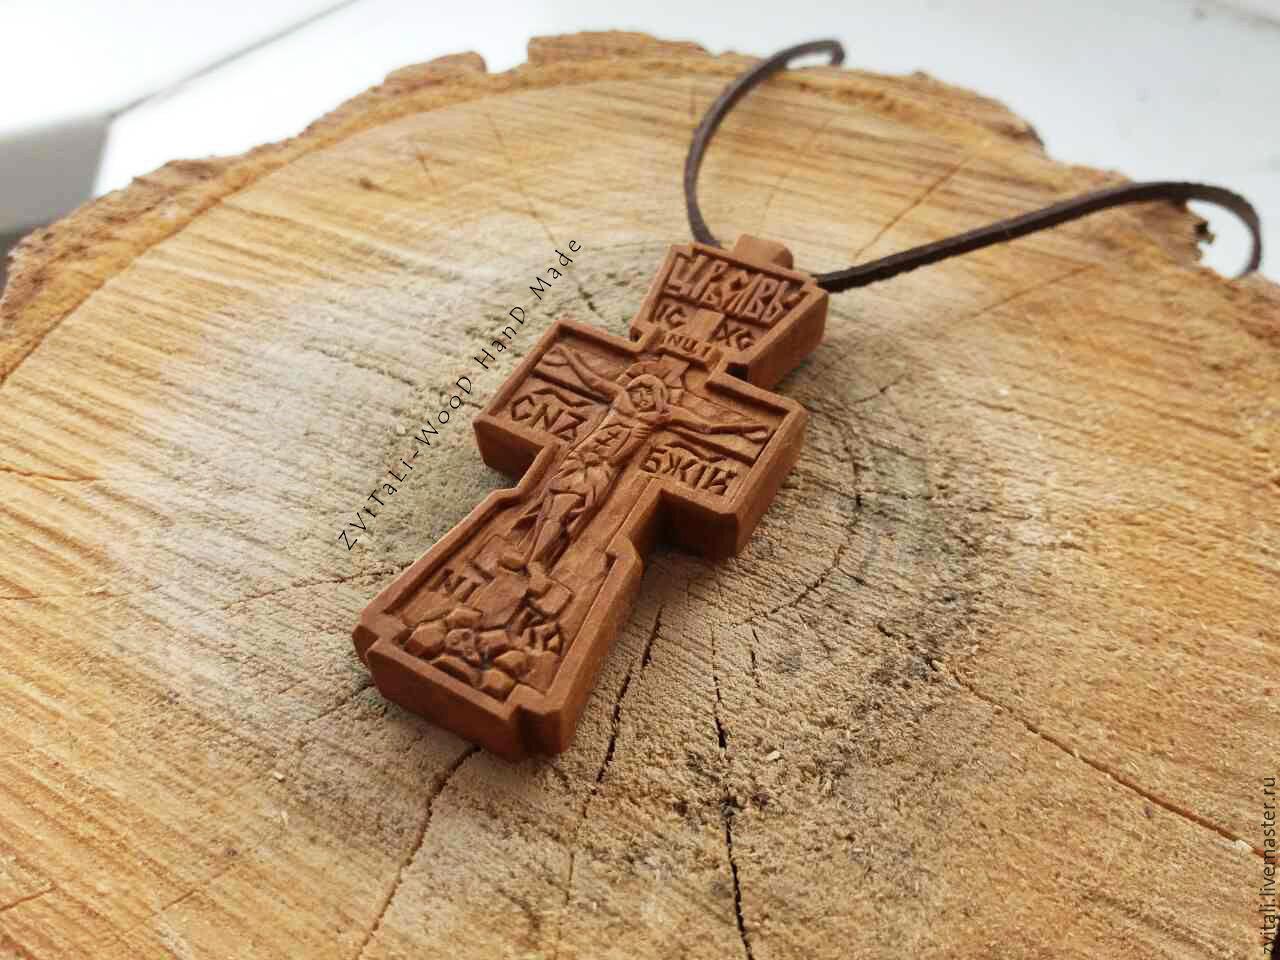 крестик федор емельяненко фото